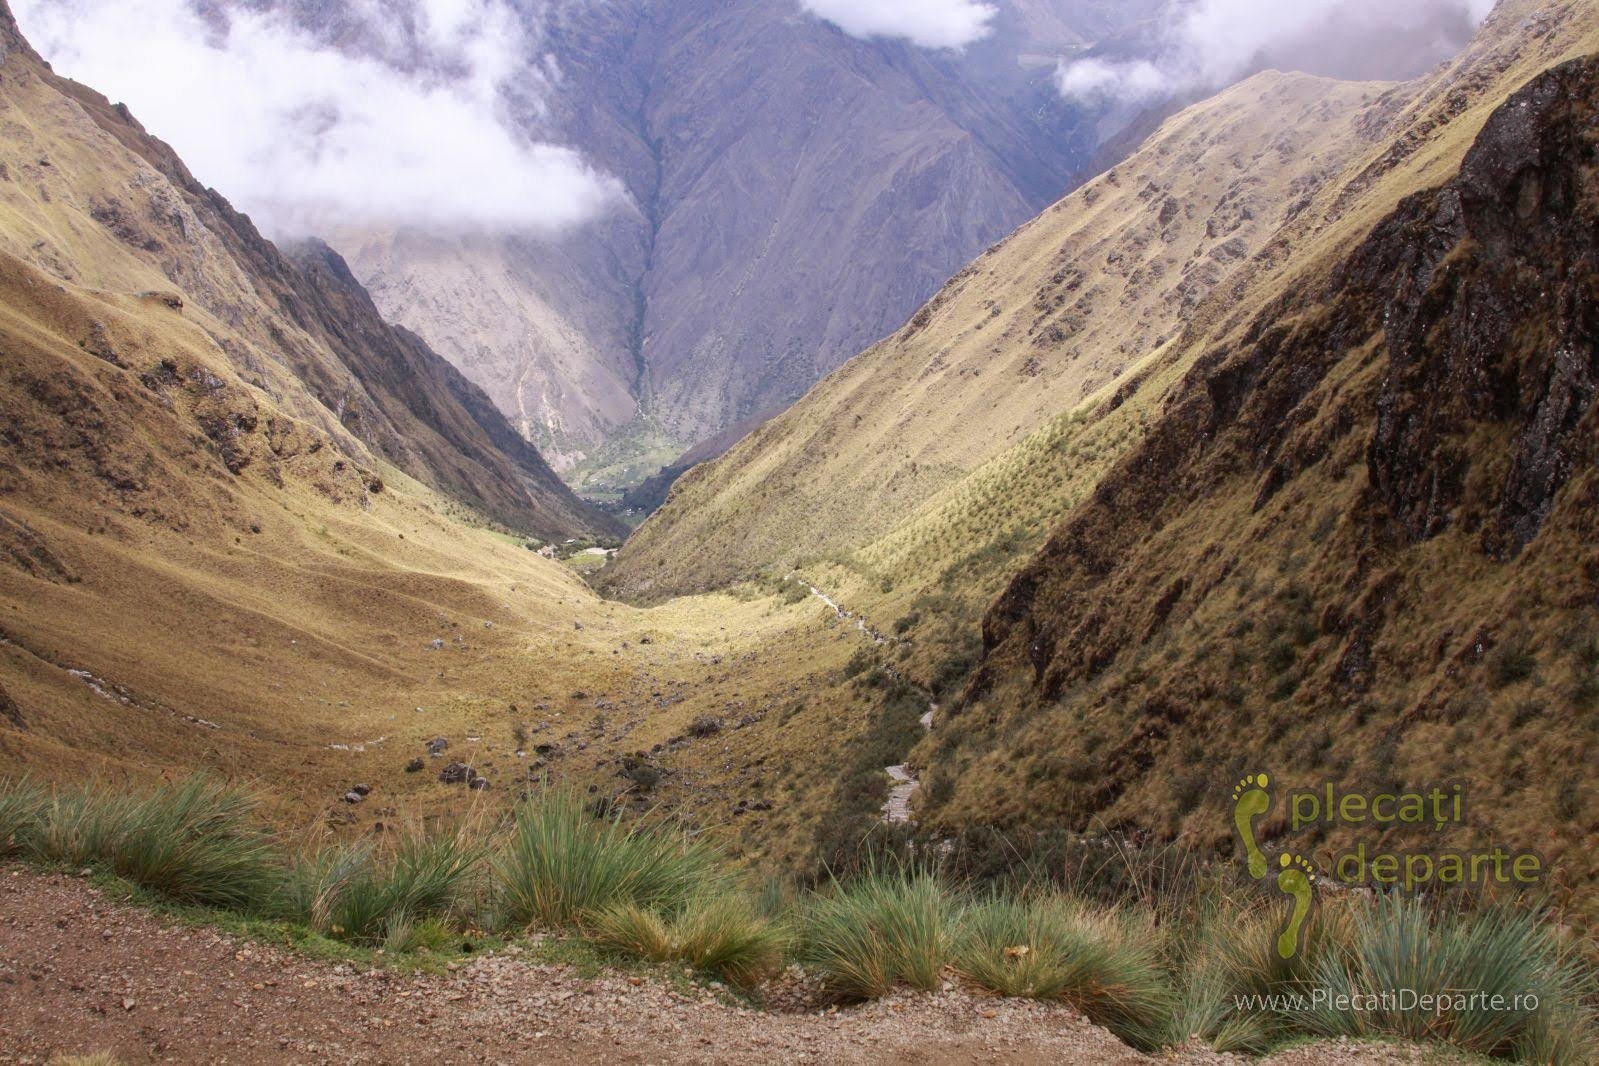 Valea din care am urcat in Dead Woman's Pass (pasul Femeii Moarte) la 4215m, pe Inca Trails spre Machu Picchu